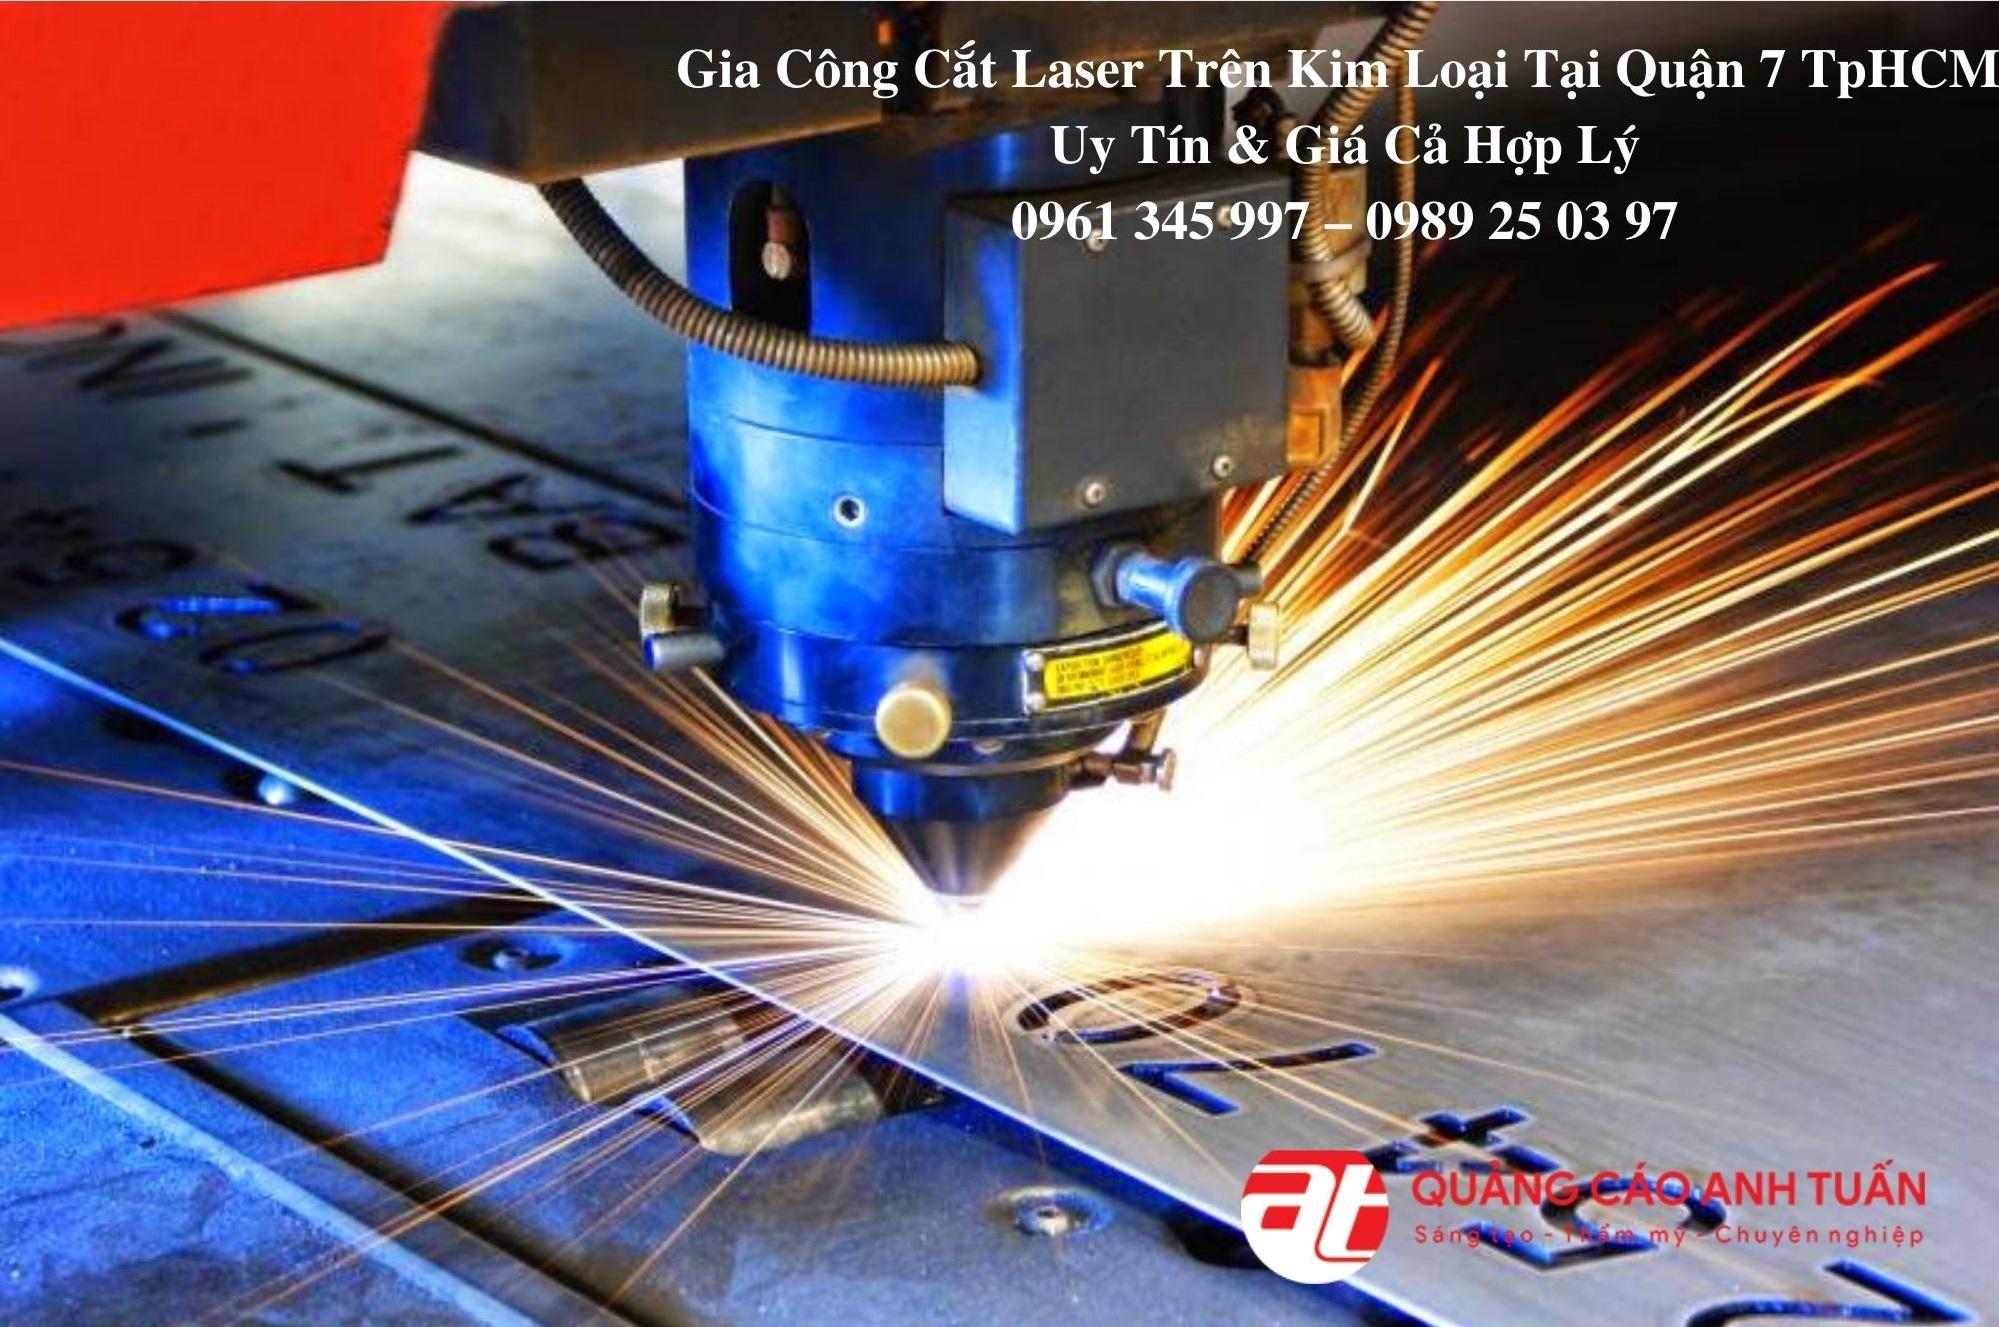 gia công cắt laser trên kim loại